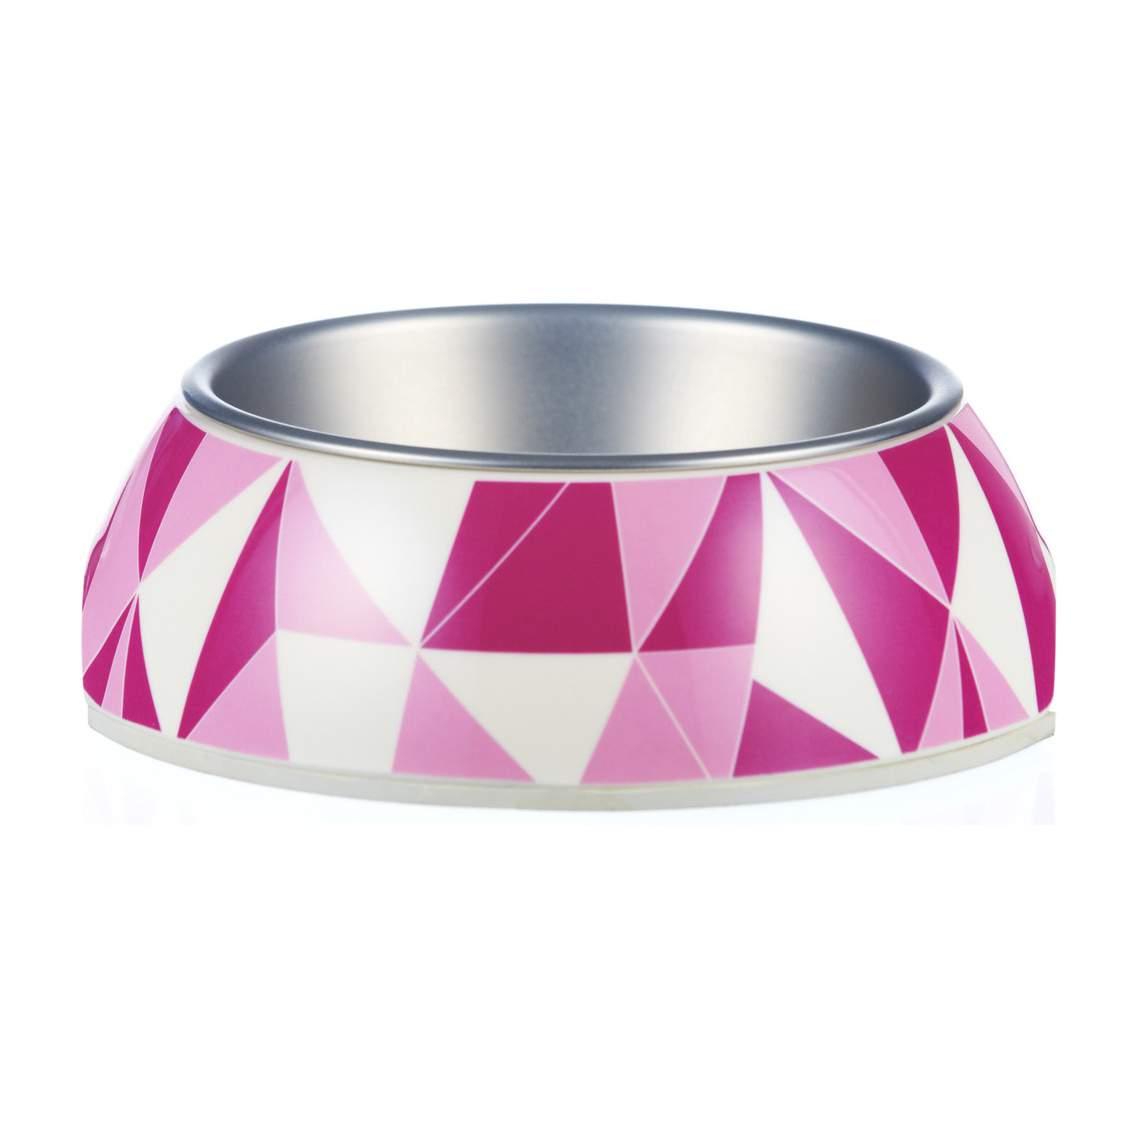 Gummi Pets Federation Dog Bowl Pink | The Design Gift Shop